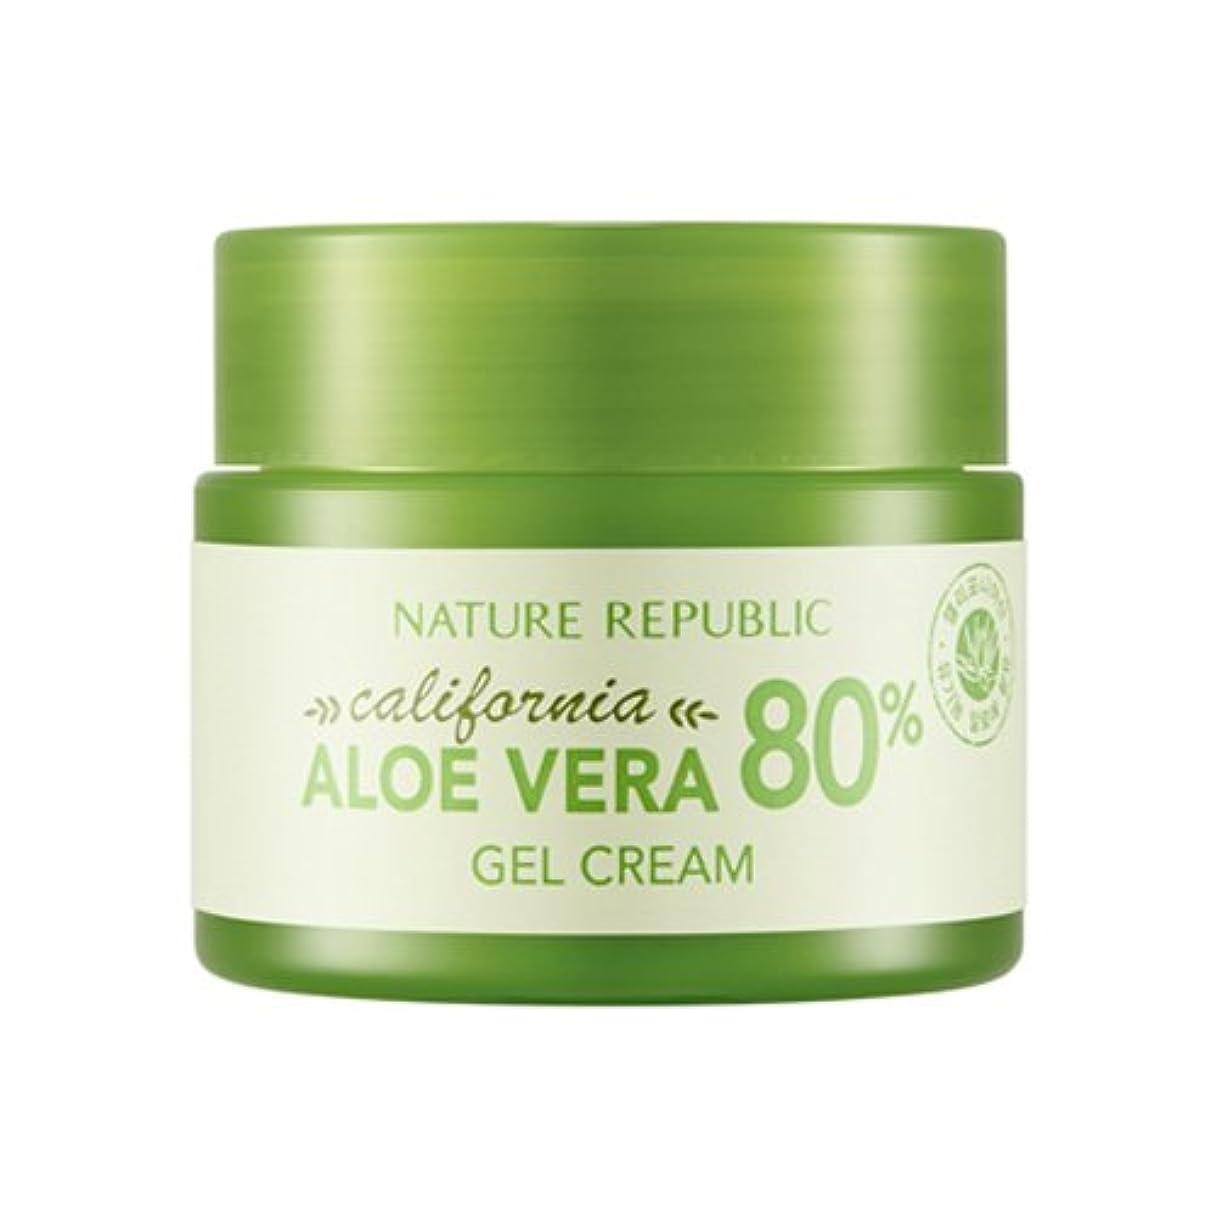 相反する同盟深い[ネイチャーリパブリック] Nature Republic カリフォルニアアロエベラ80%のゲルクリーム California Aloe Vera 80% Gel Cream [並行輸入品]